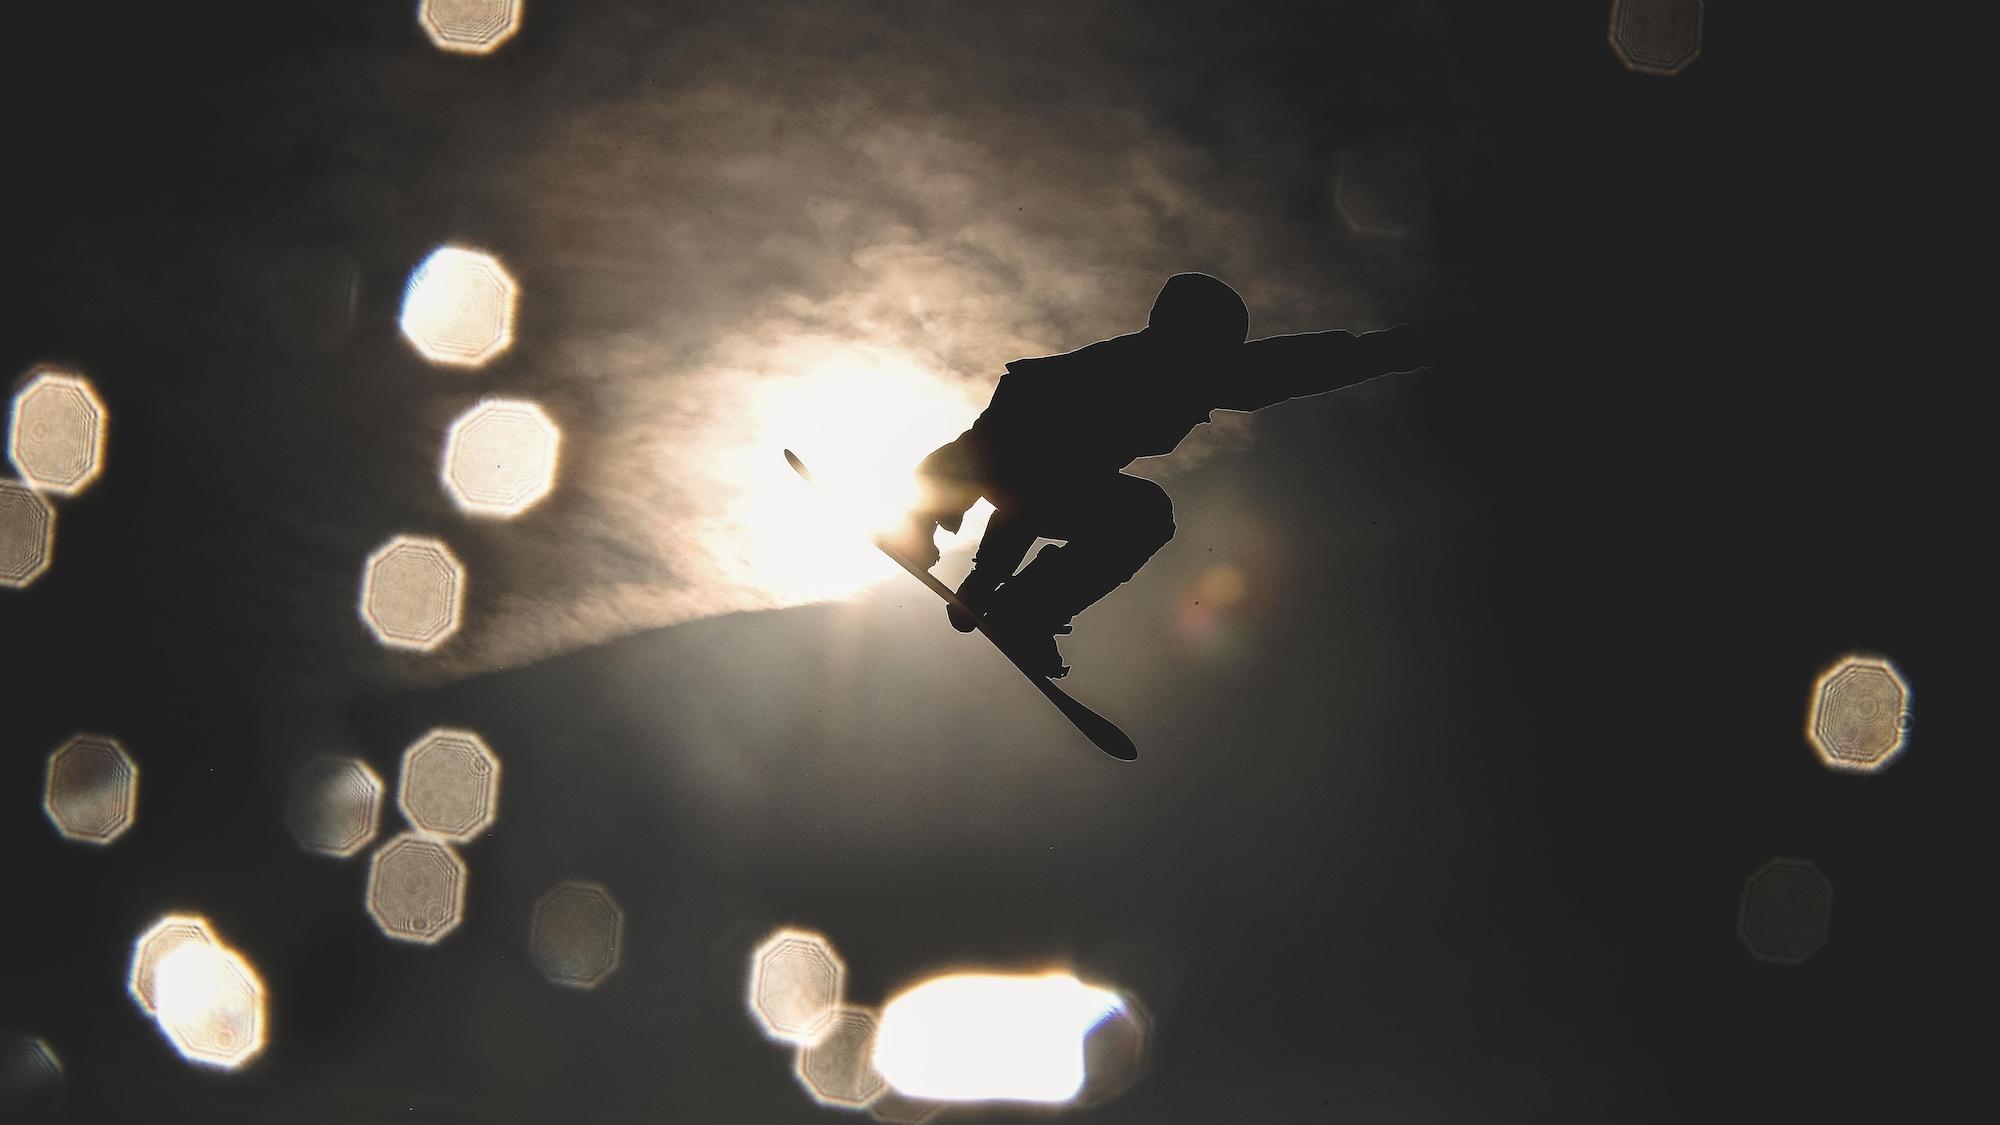 Maxence Parrot effectue un saut.